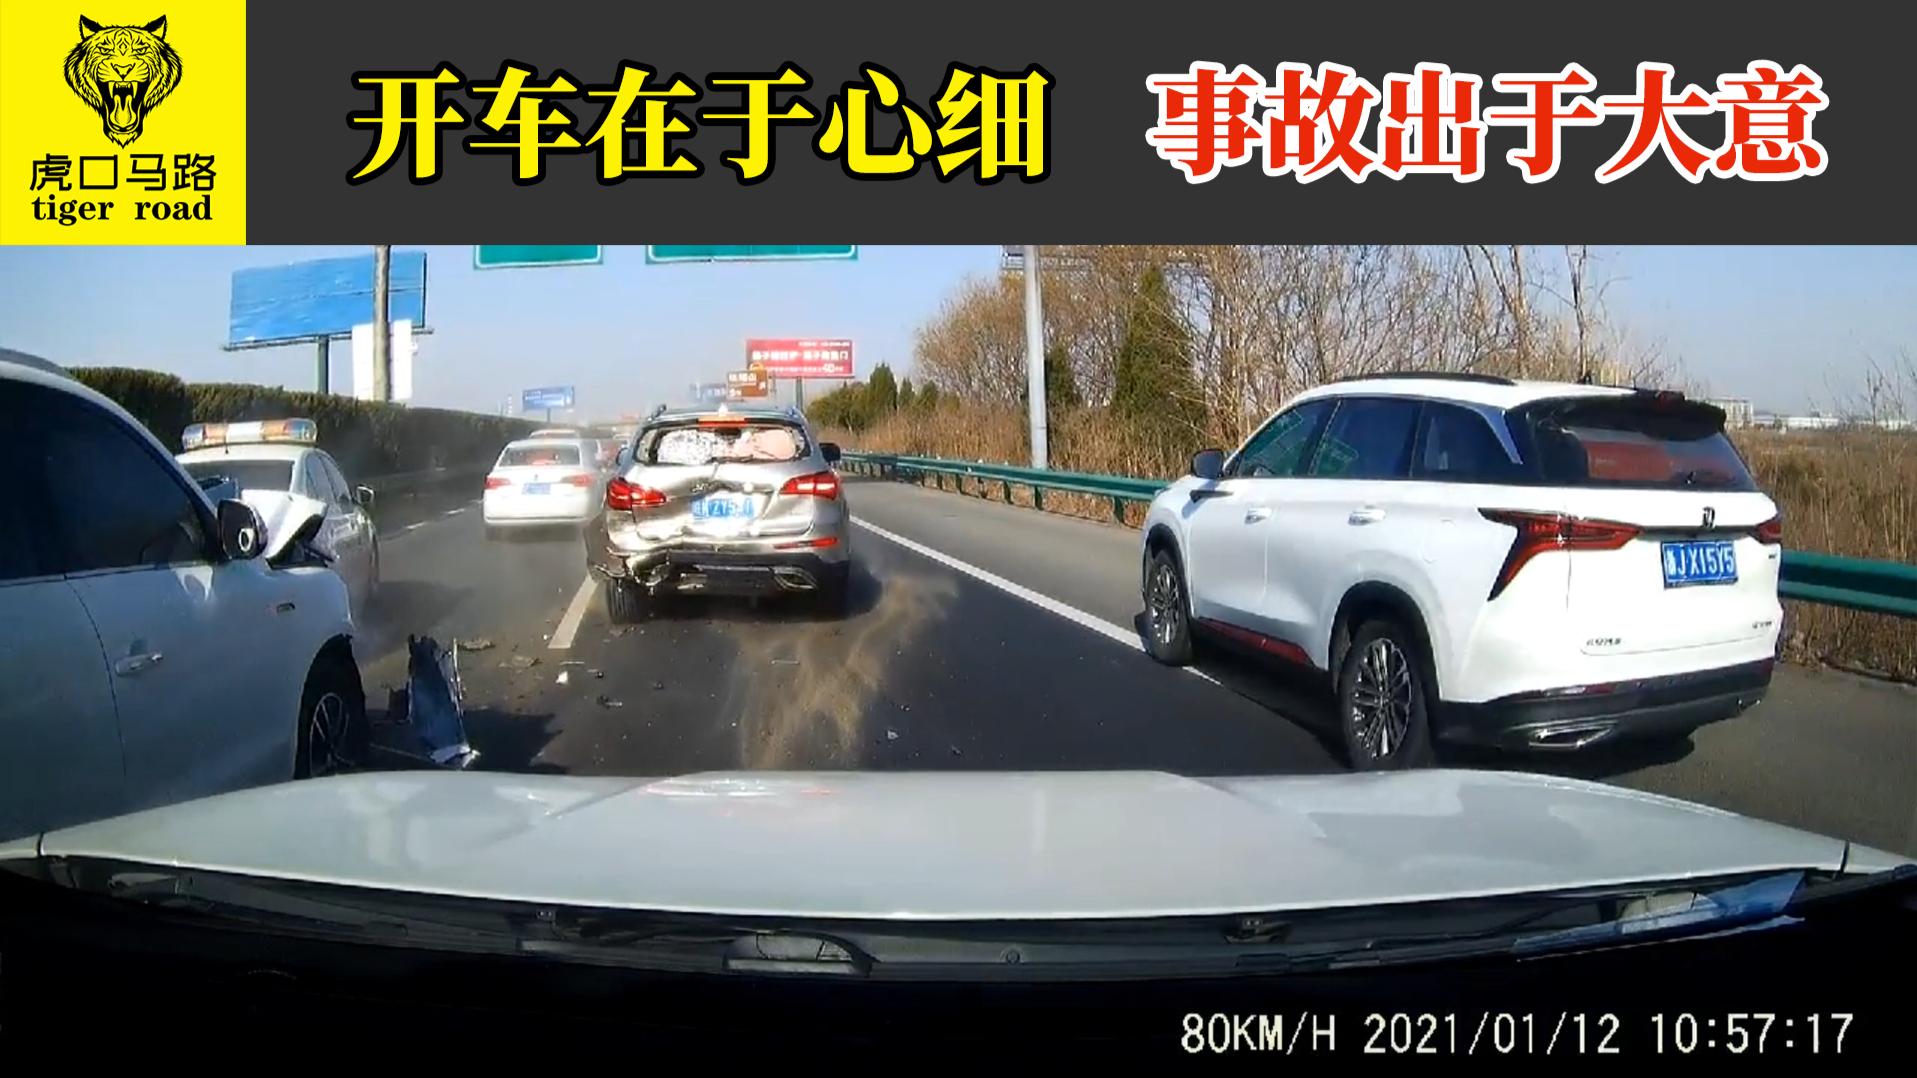 2021交通事故(4):开车在于心细,事故出于大意